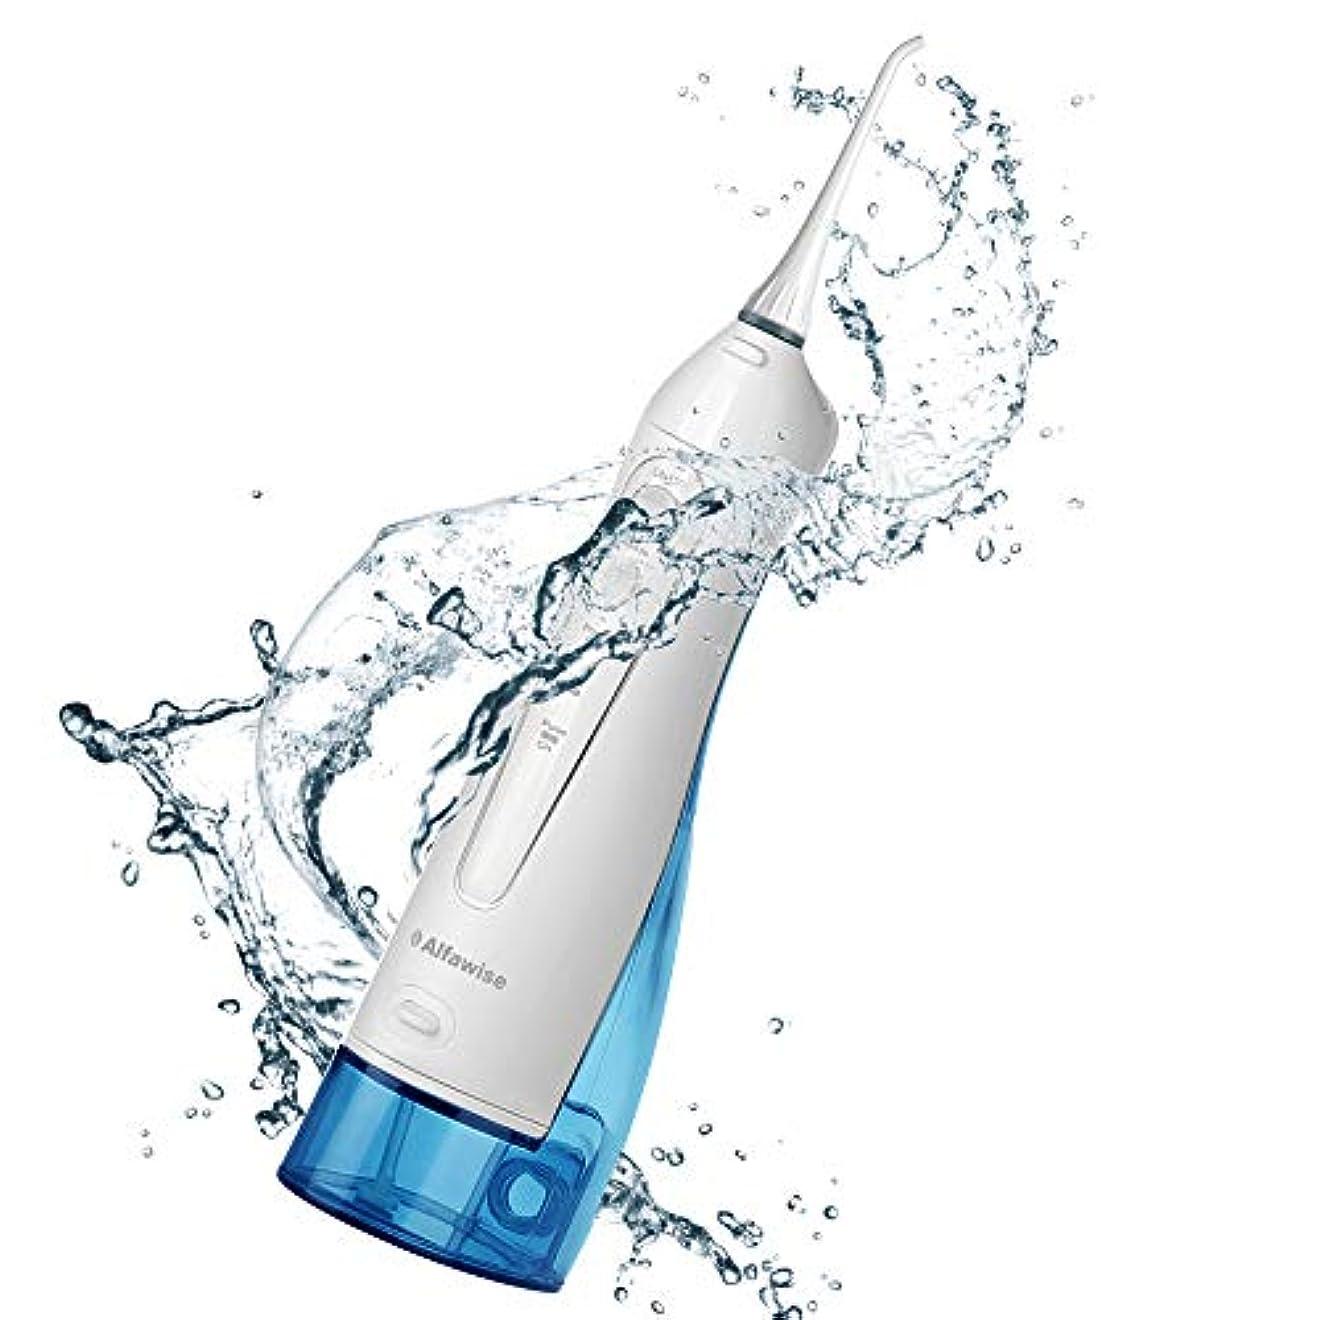 モンキーエンディング好ましい電動歯磨き器3種類のオプションモードIPX7防水?防塵360°回転小型ノズル充電式口腔洗浄器2ノズル